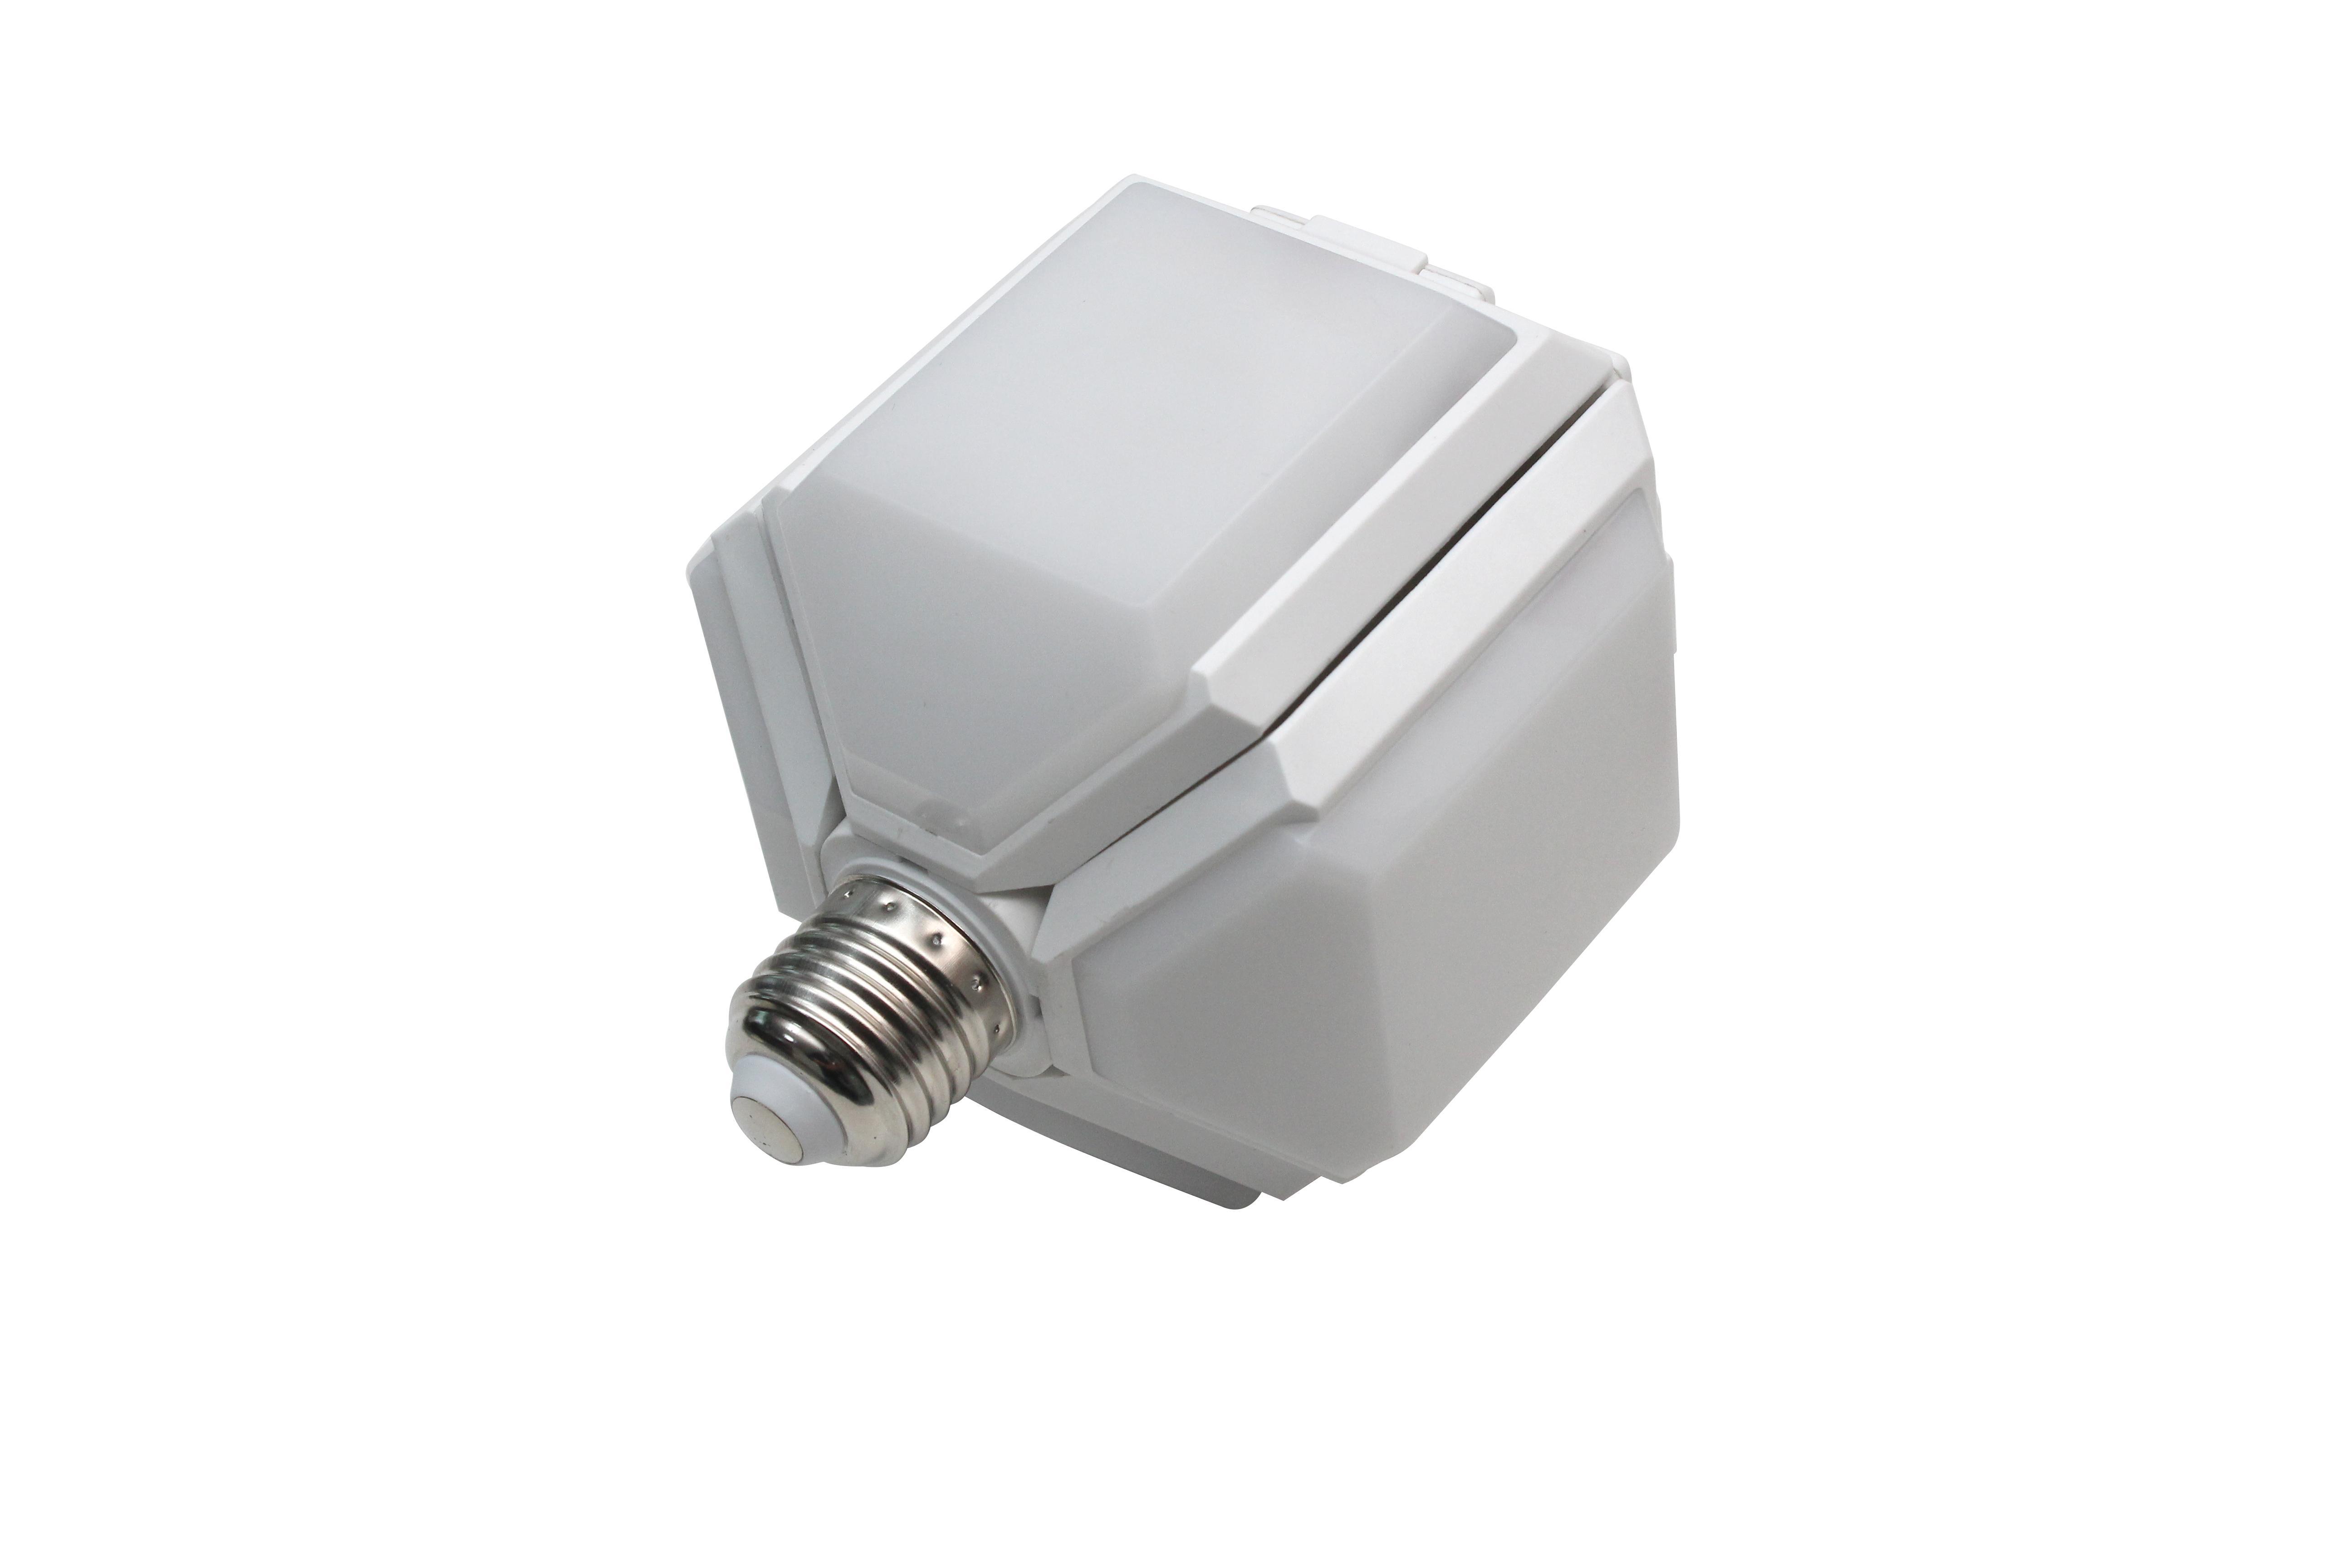 Lampadine a led pieghevoli lampada da calcio della lampada in stile della porta dell'illuminazione della durata della casa 165-265V